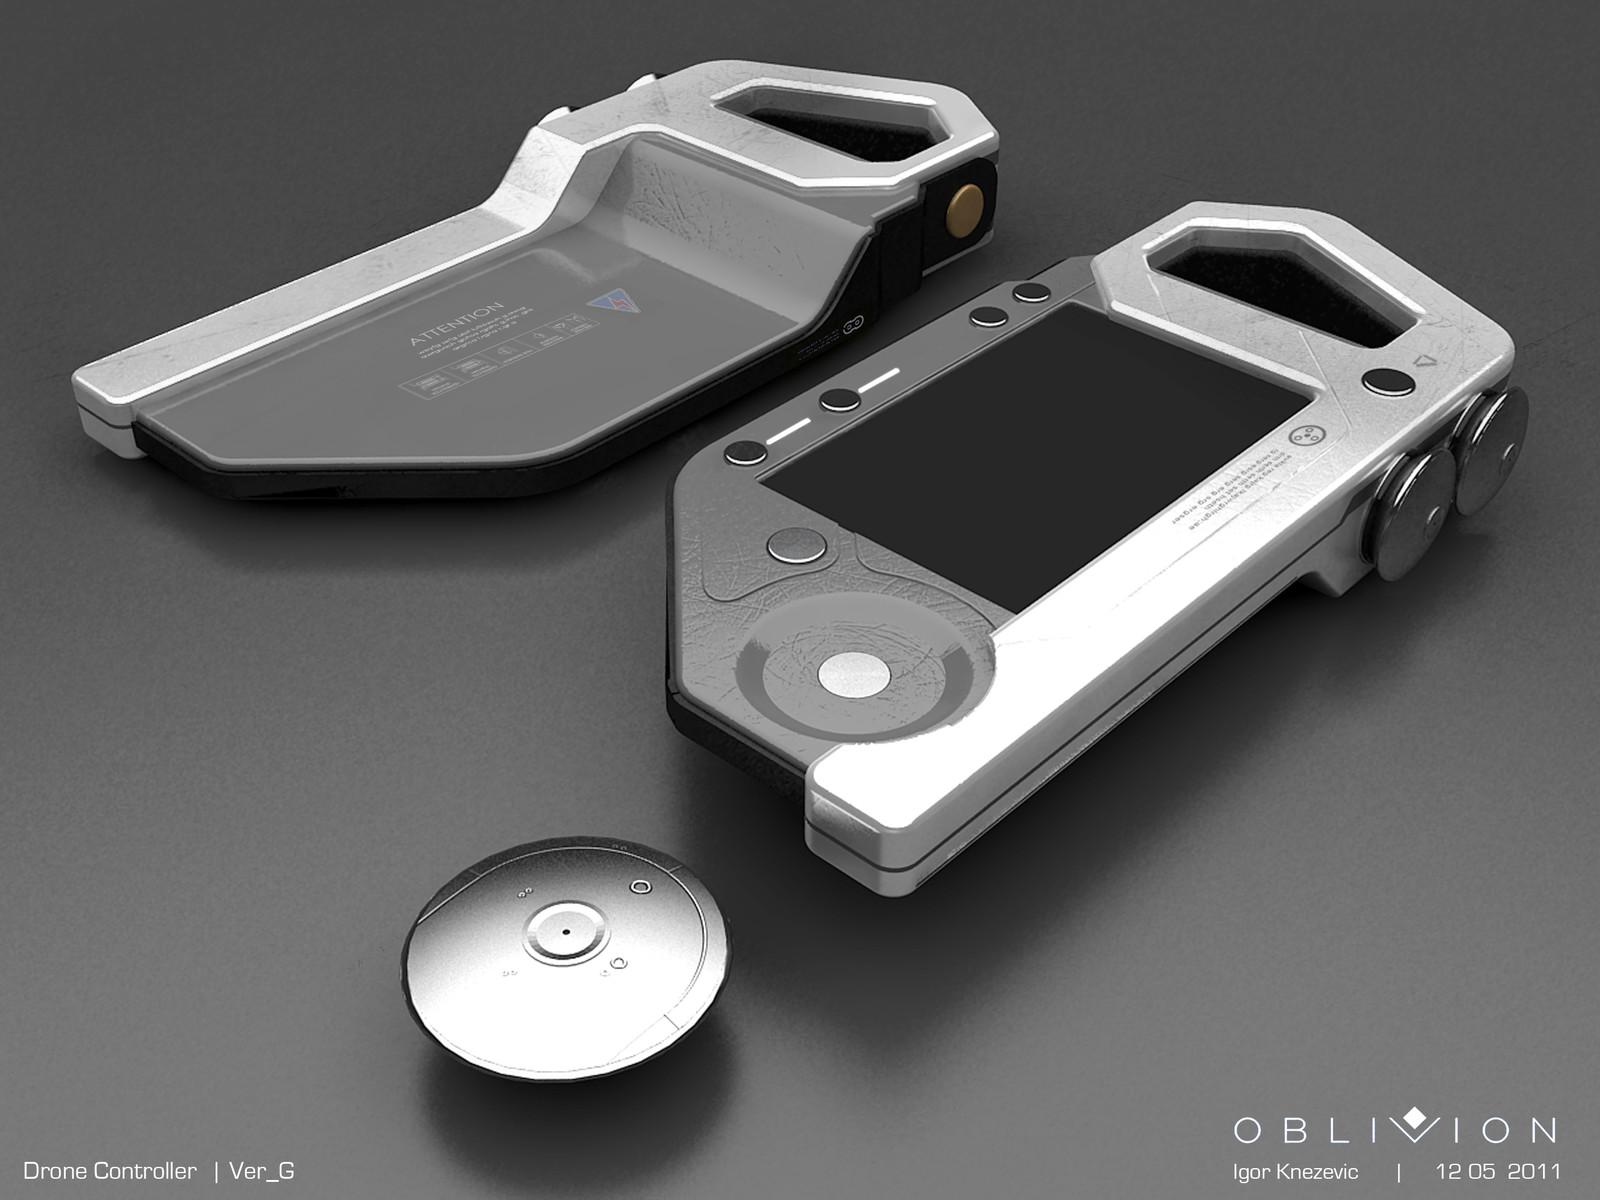 Oblivion - props